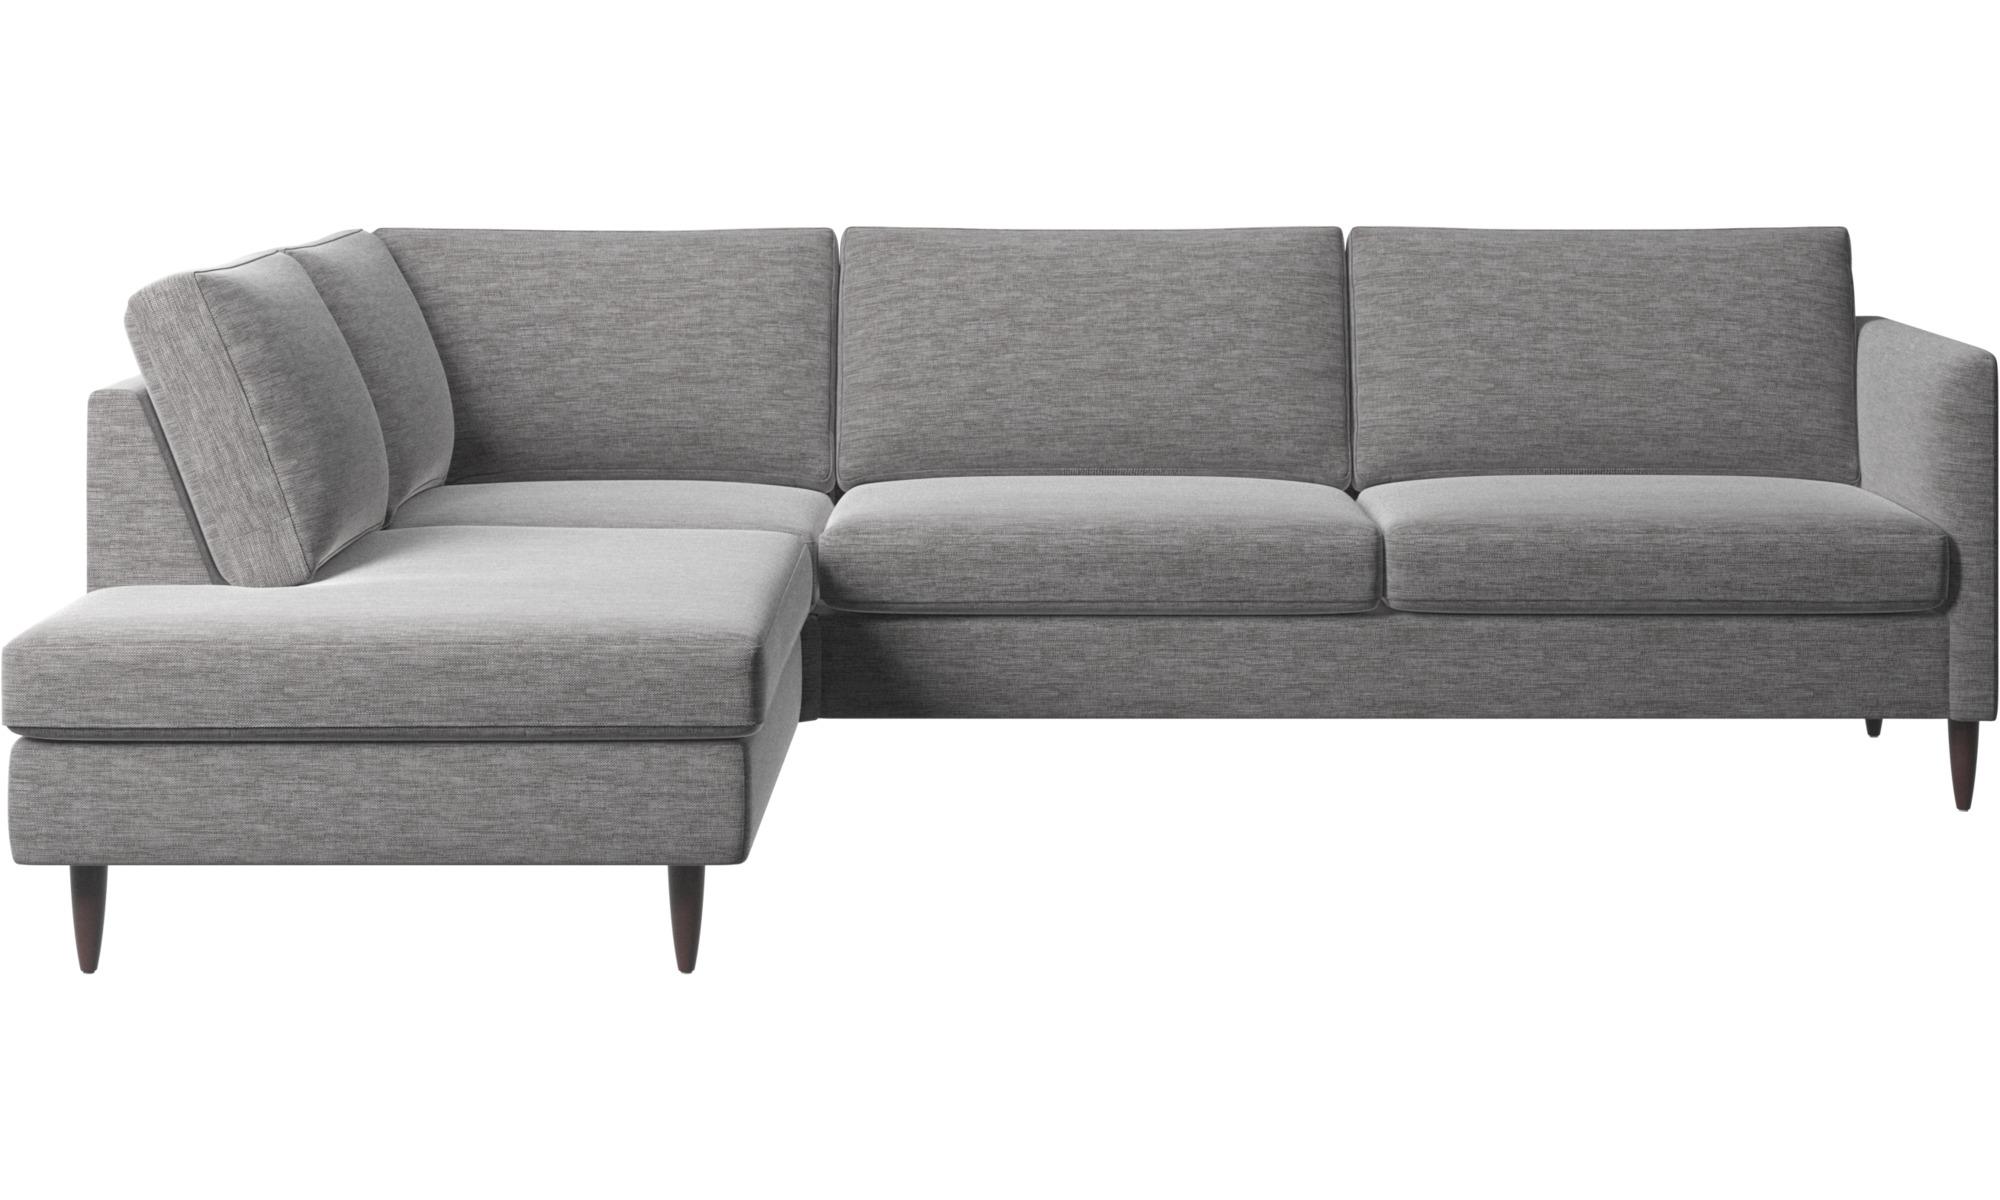 Hjørnesofaer - Indivi hjørnesofa med loungemodul - Grå - Stof